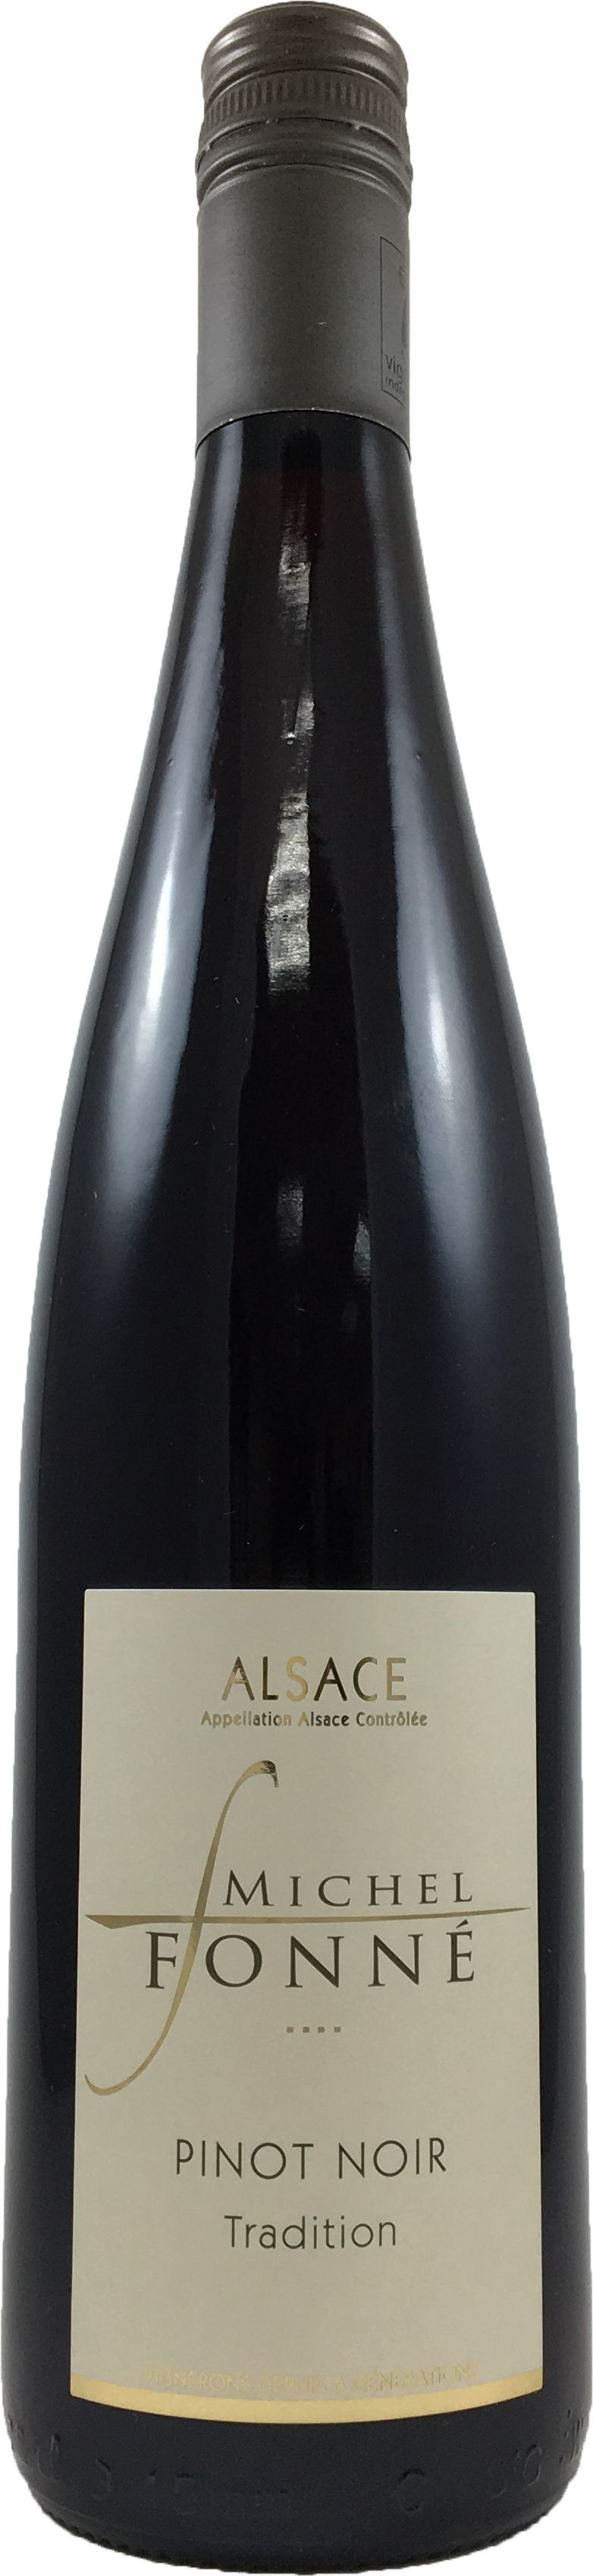 法國 阿爾薩斯AOC  米歇爾弗內酒莊 黑皮諾 紅酒2015